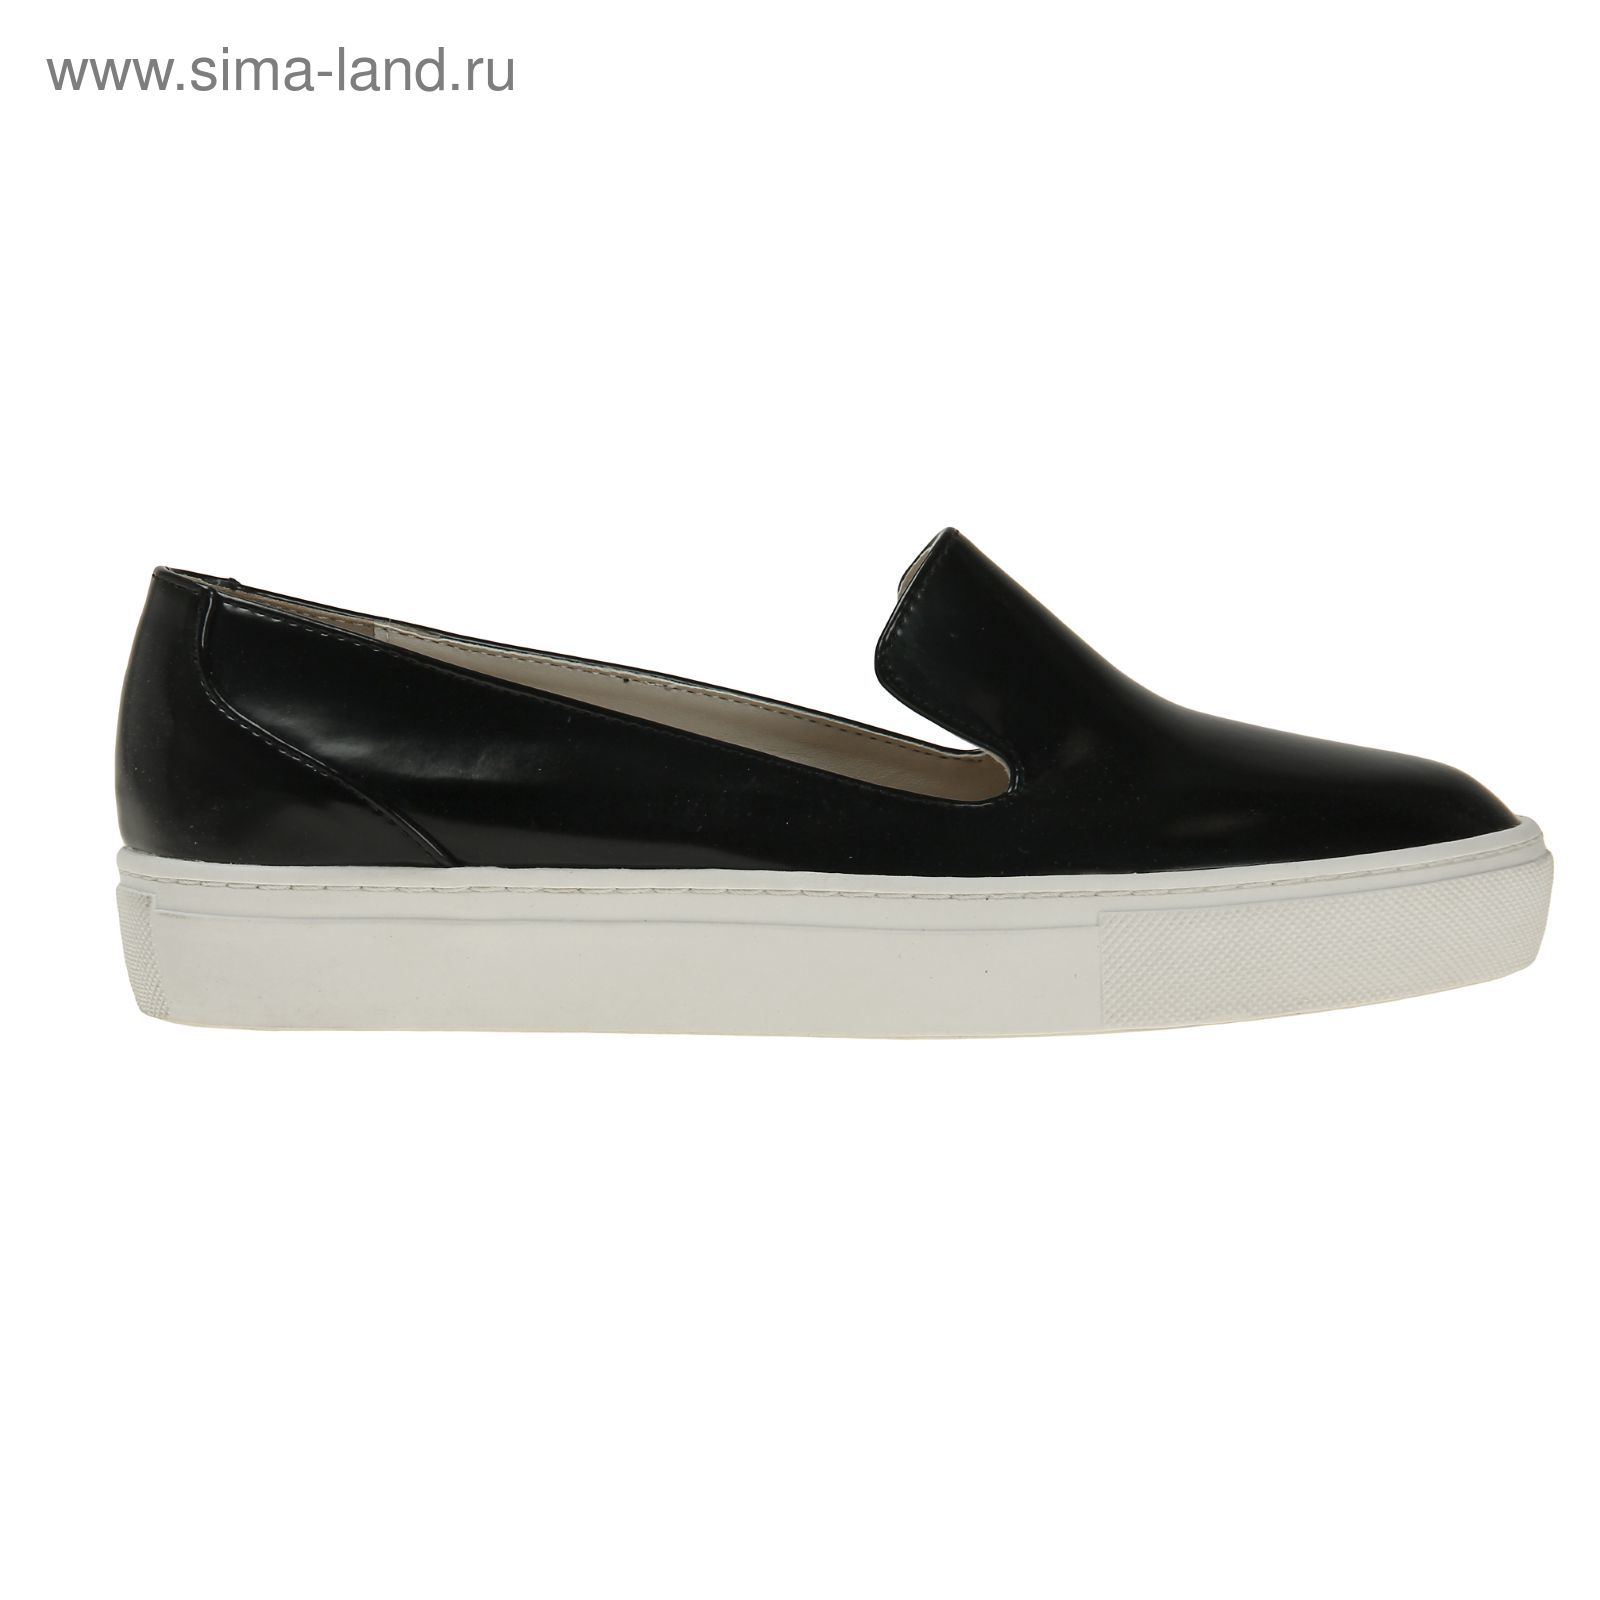 8133945f0 Туфли (слипоны) женские, цвет чёрный, размер 38 (арт. 1616033019 ...